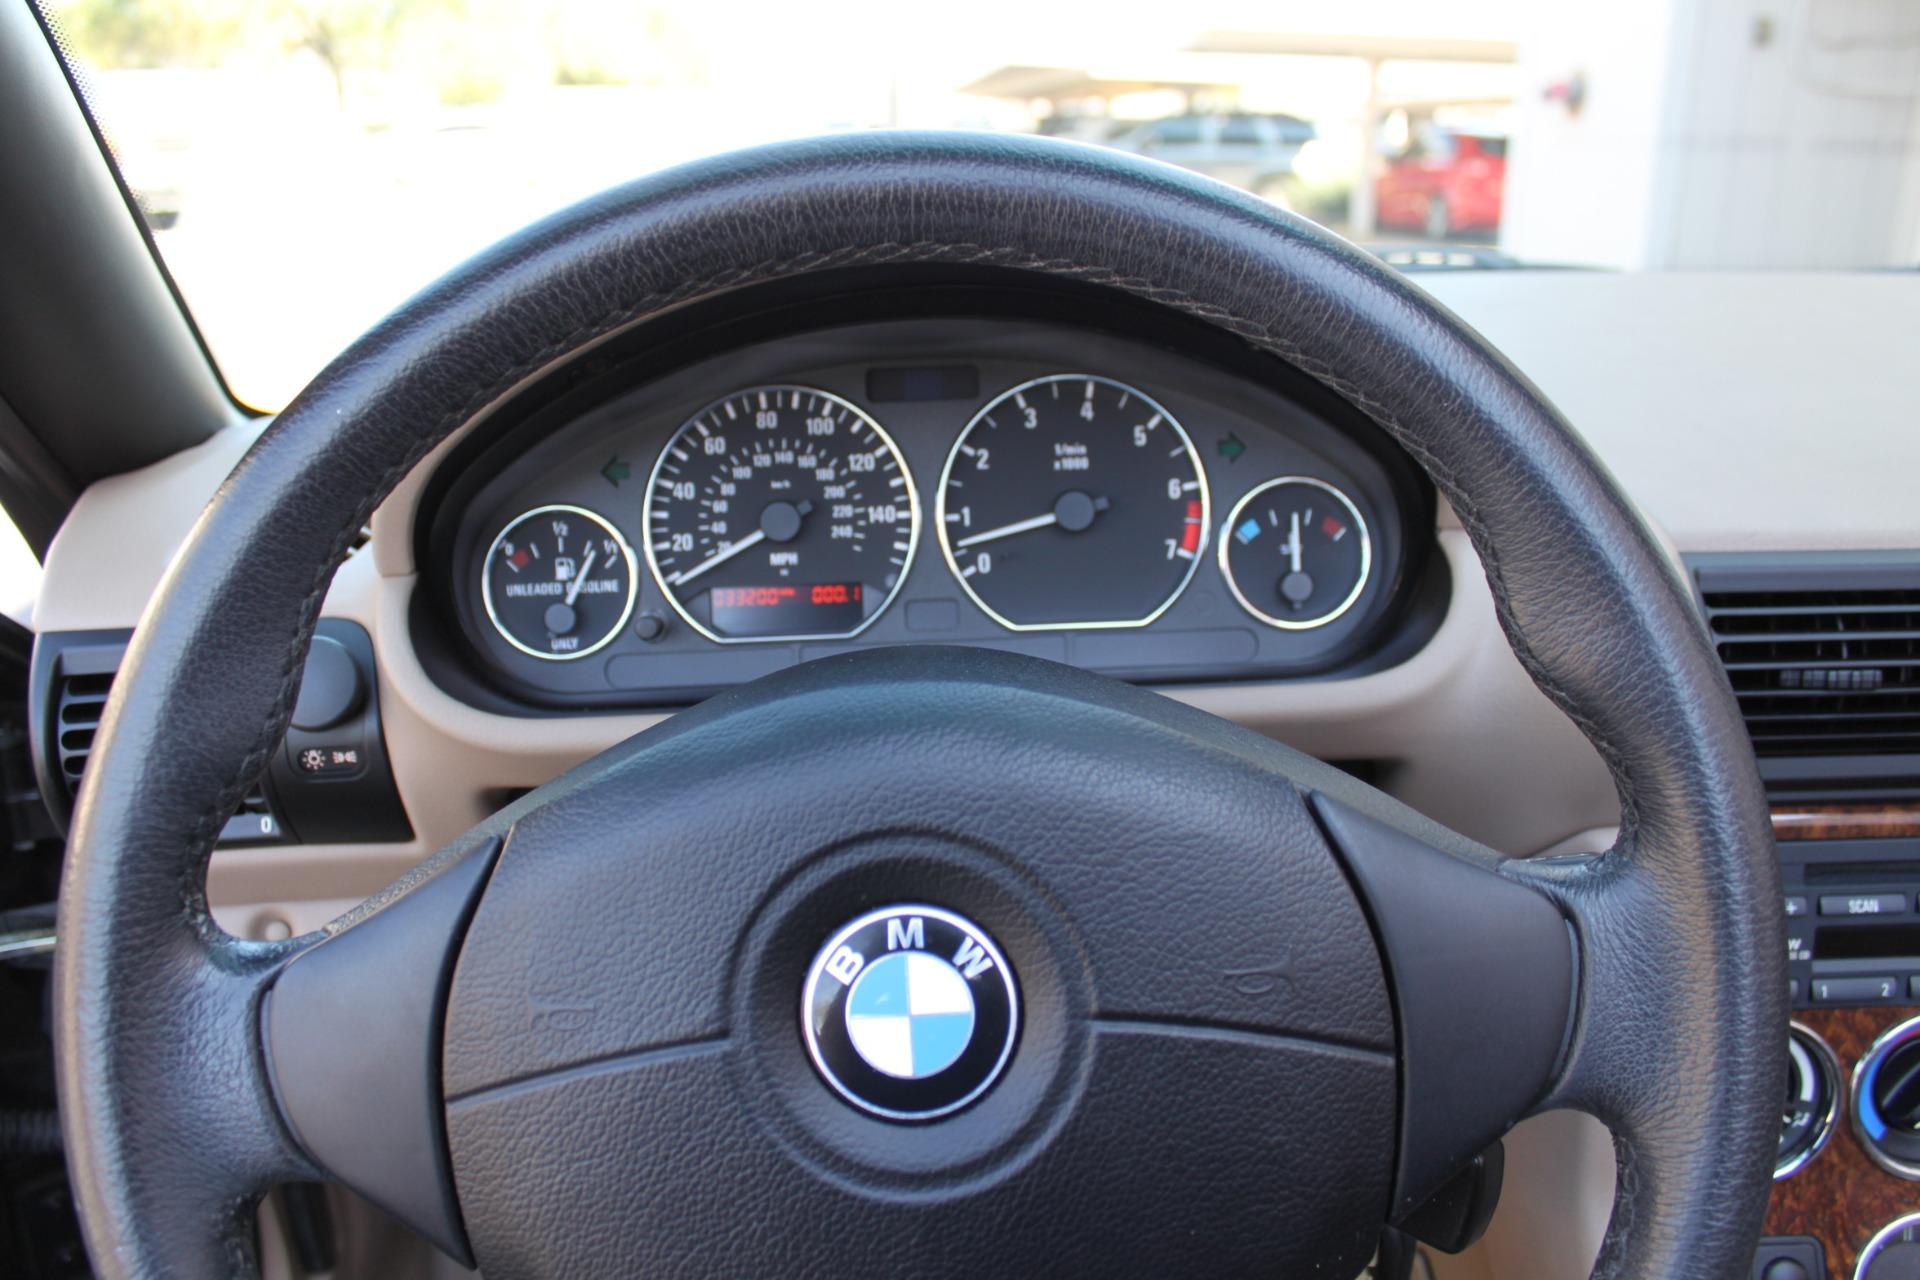 Used-2001-BMW-Z3-30i-Roadster-Range-Rover